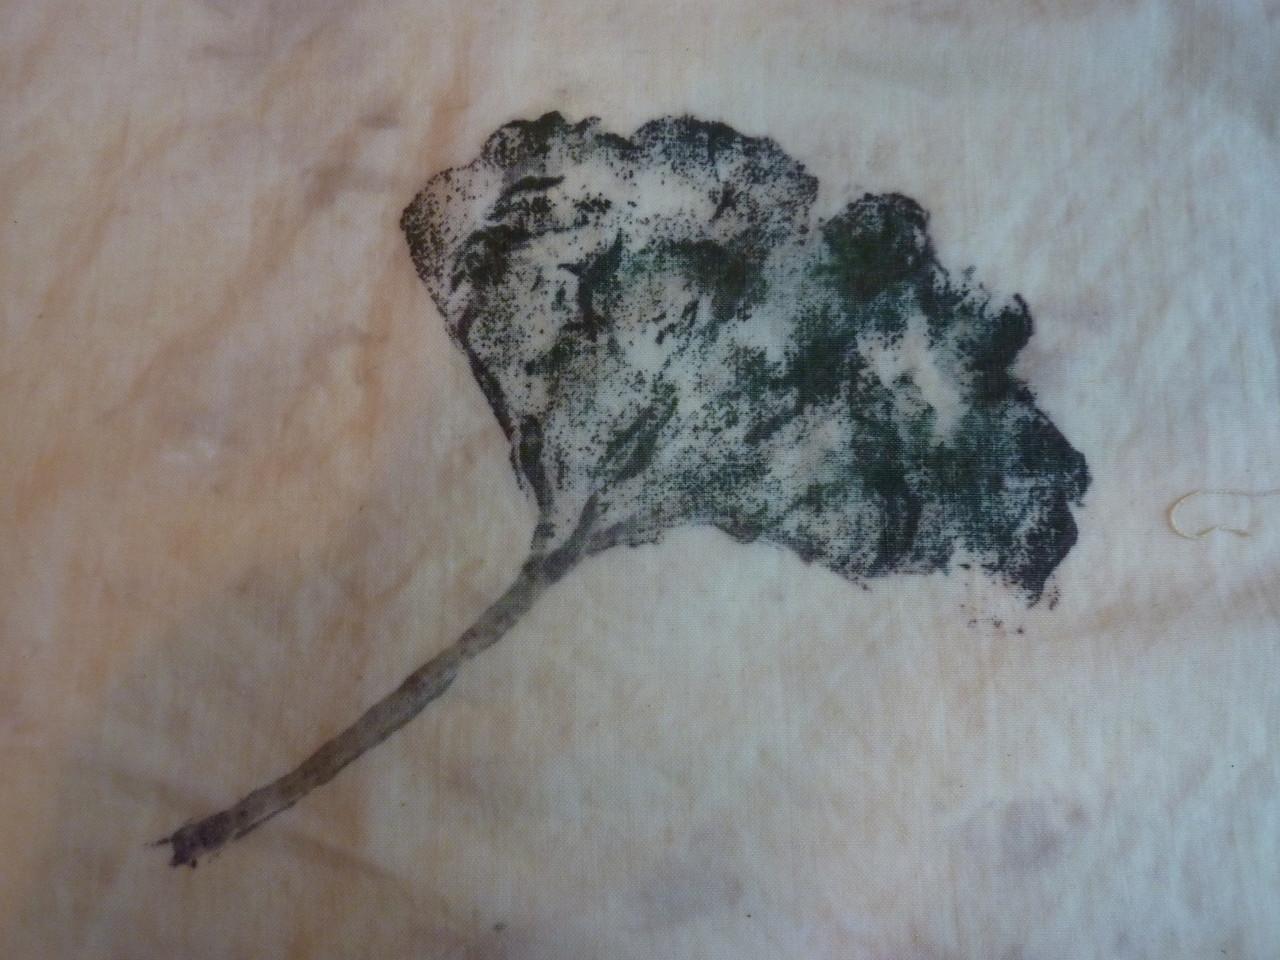 Impression de végétaux à tanin sur coton et lin